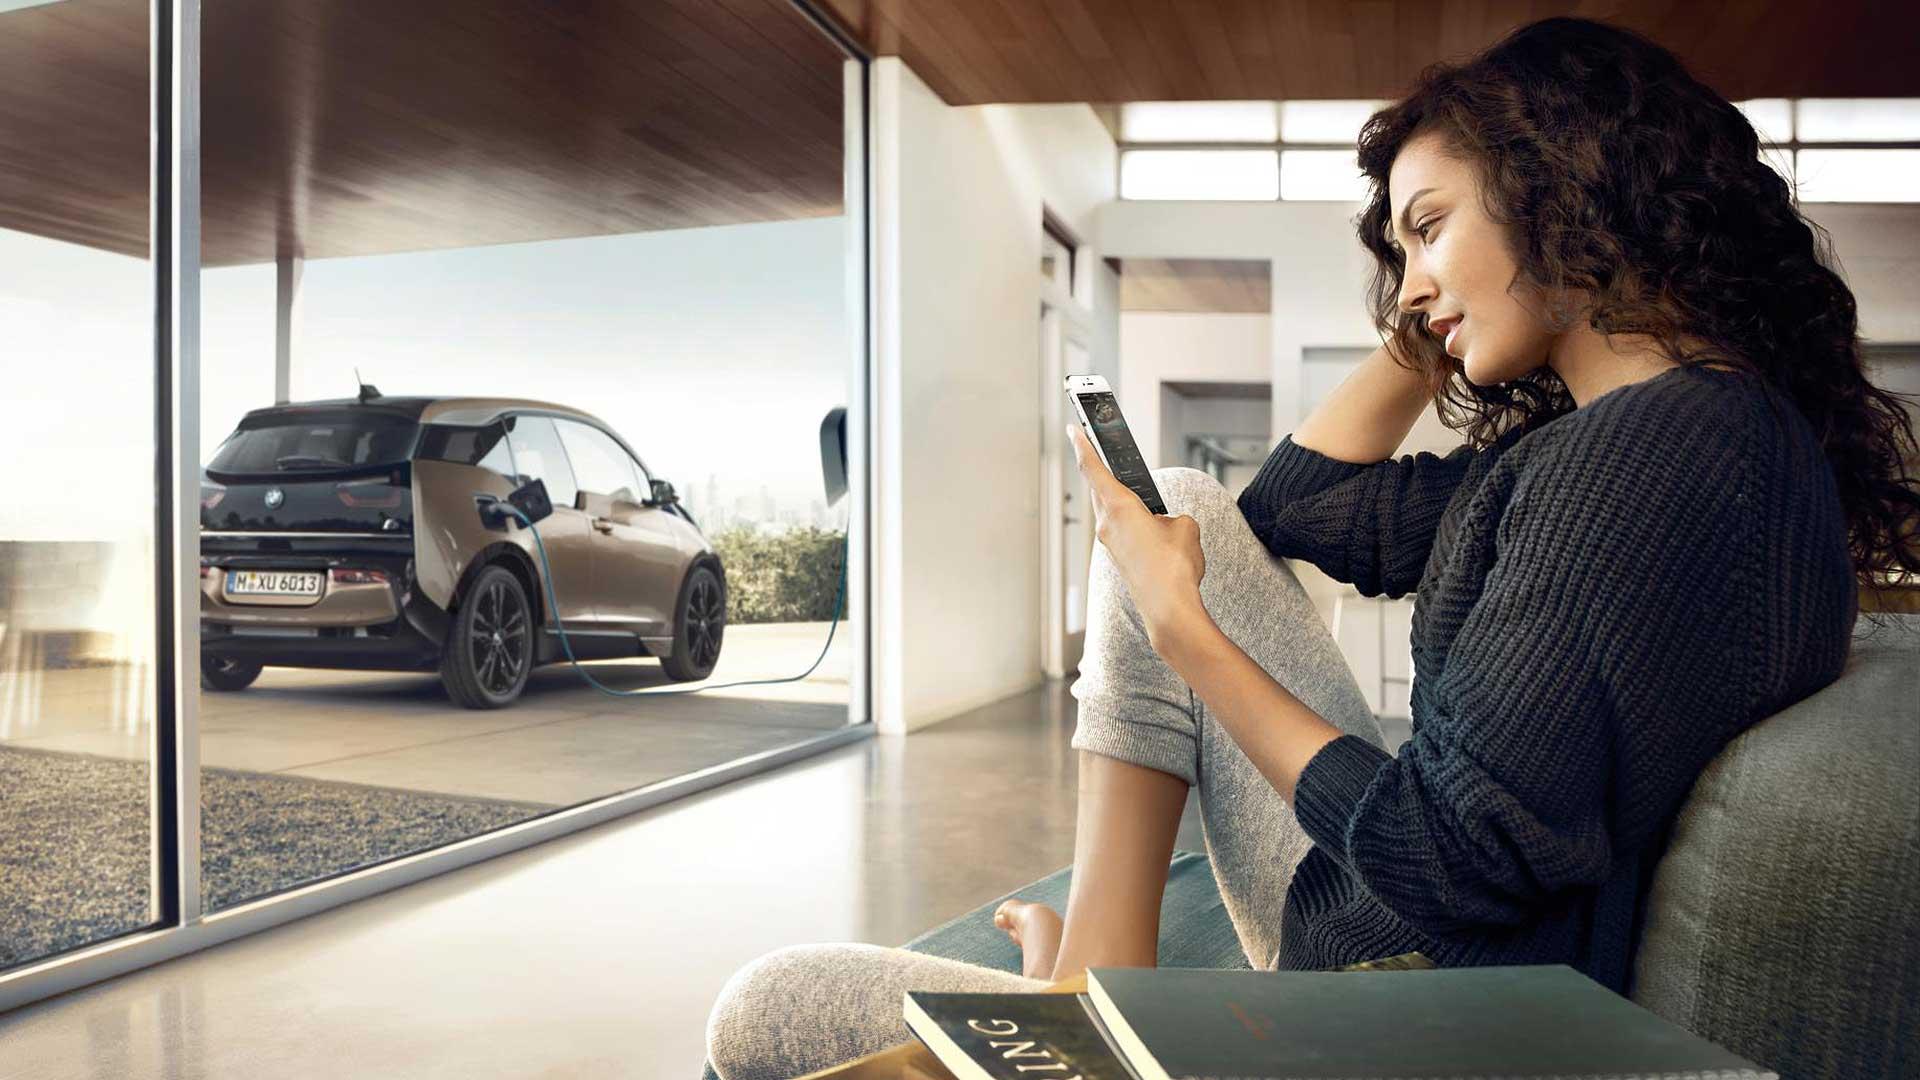 2018 BMW i3 charging